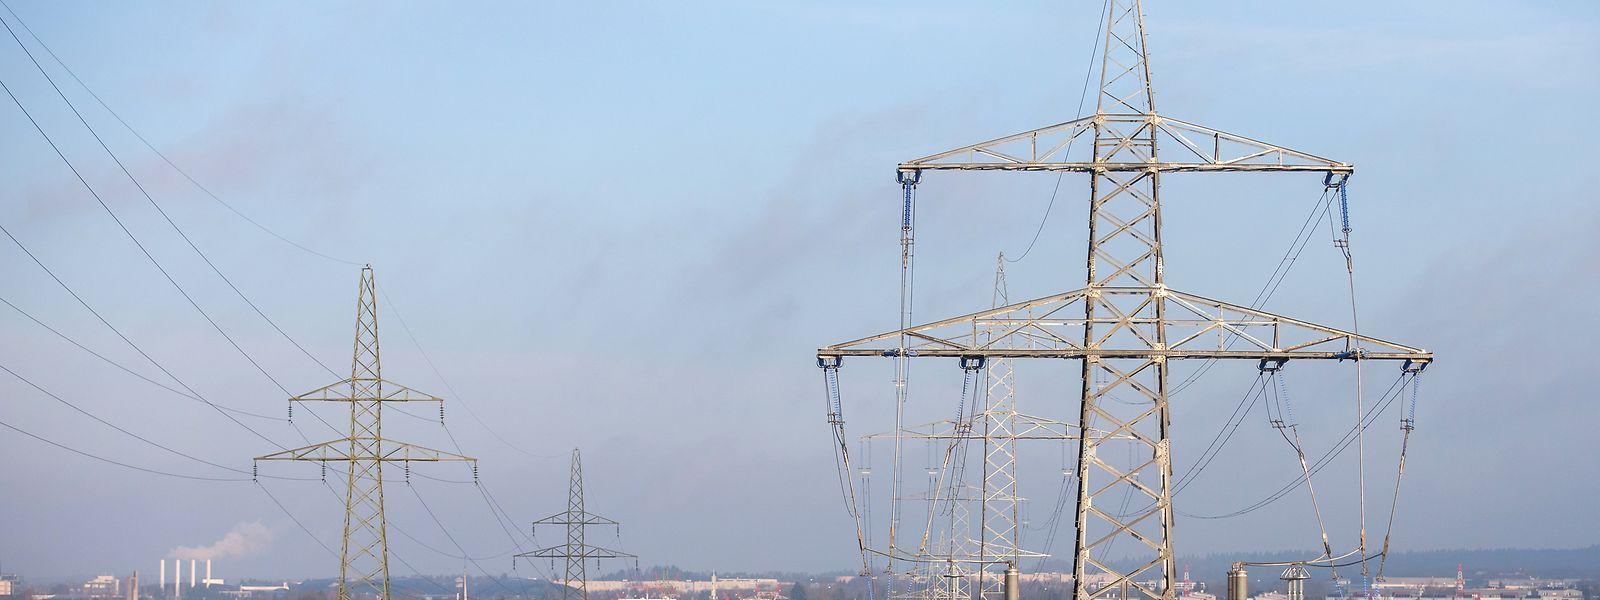 Dans le nord-mosellan , la rupture de la ligne haute tension a privé d'électricité plusieurs villages autour de Zoufftgen.